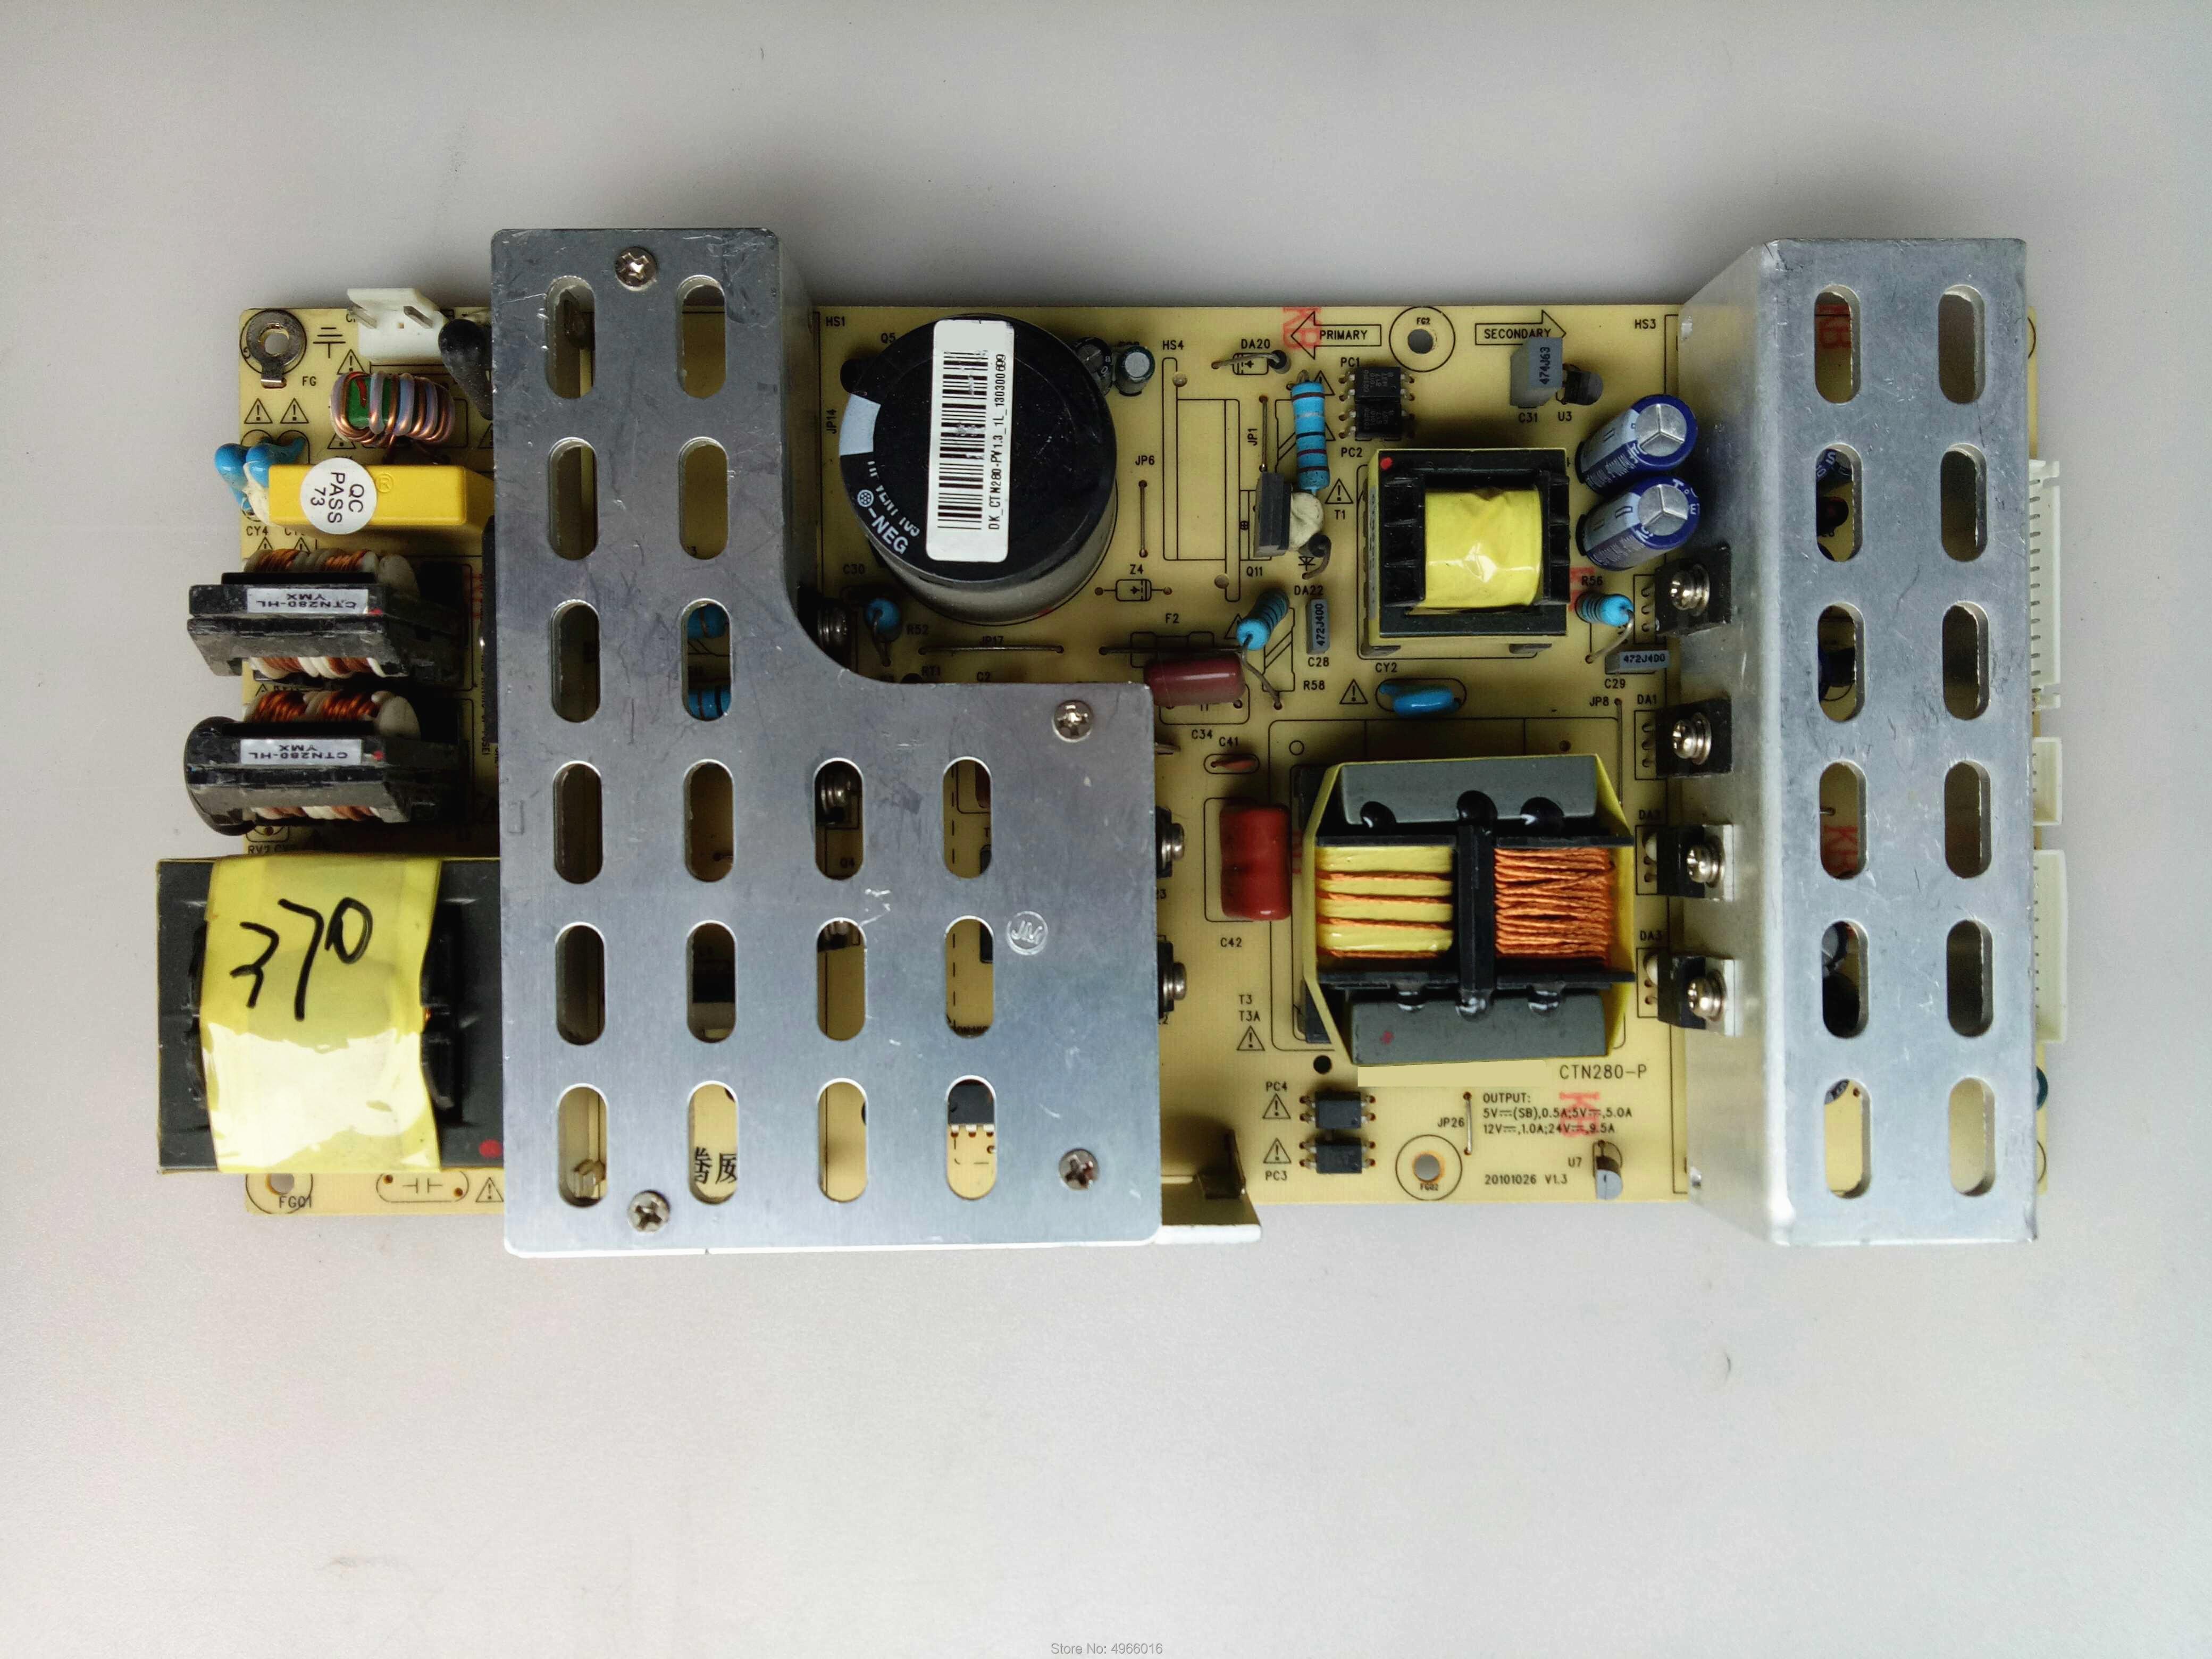 Dj Ausrüstung Und Zubehör Selbstlos Original Ctn280-p Ctn280-t3 Ymx Universal Power Board Dj Ausrüstung Zubehör